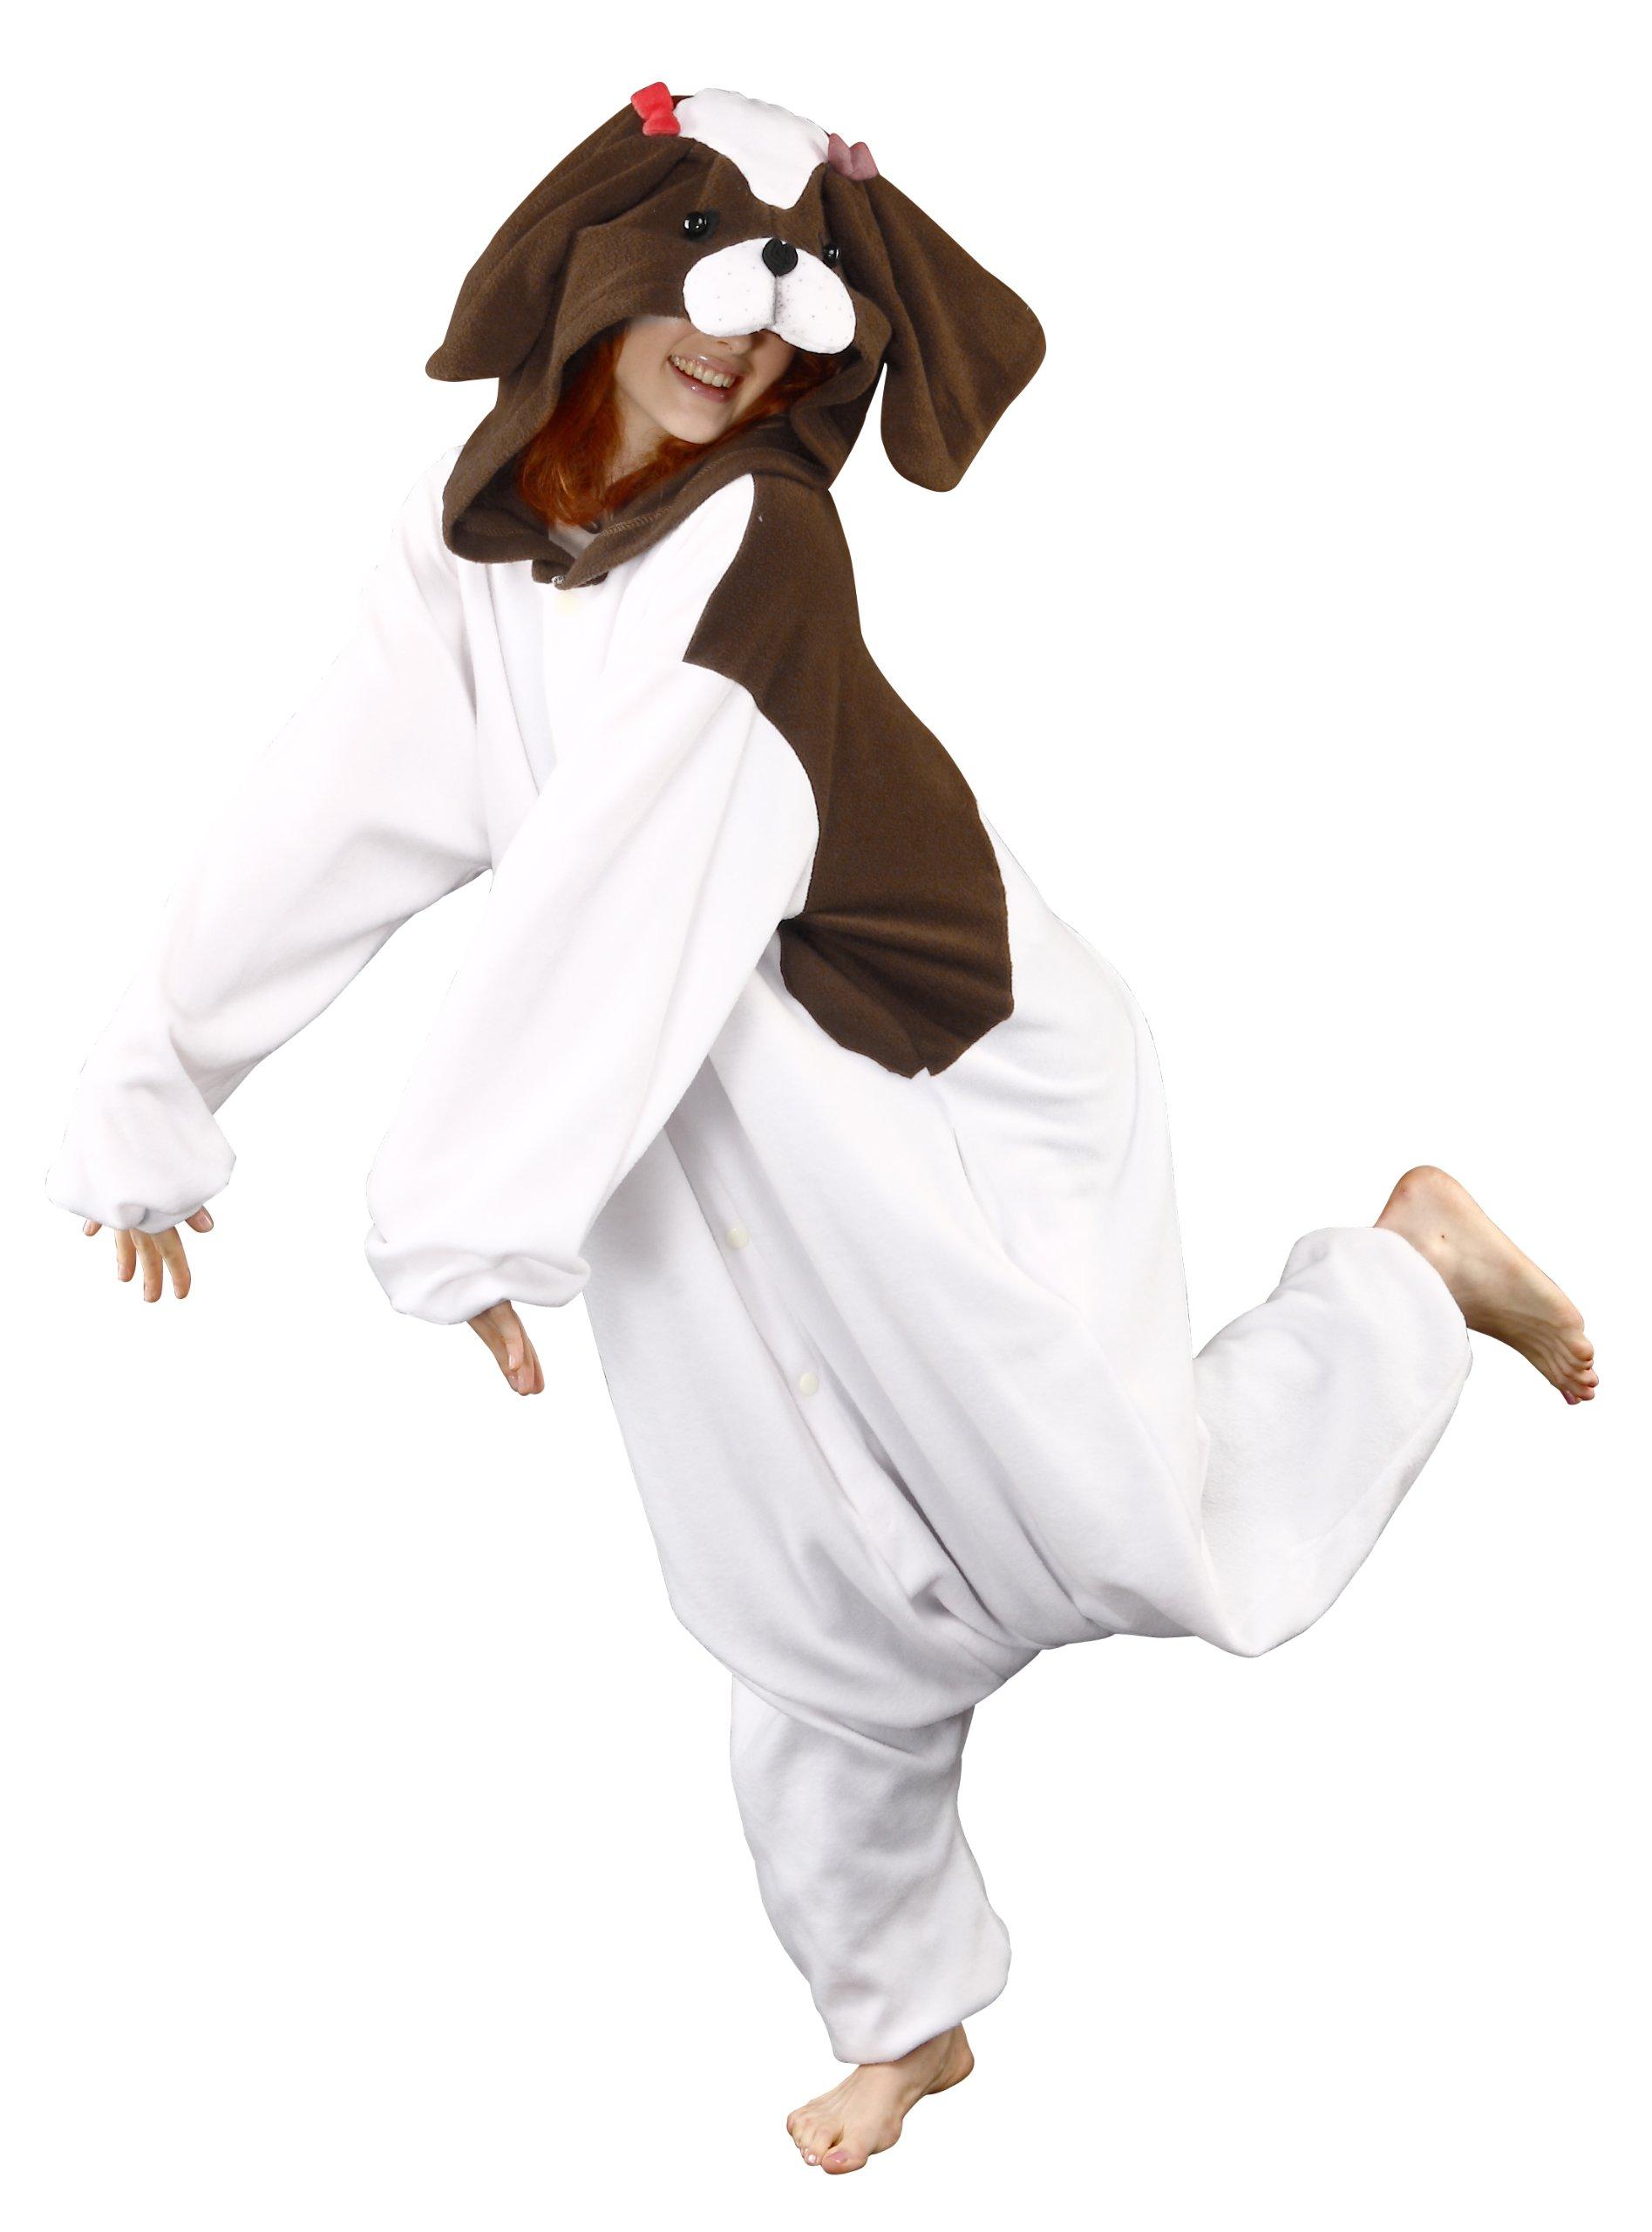 Shih Tzu Aka Toy Dog Adult Sized Costumes